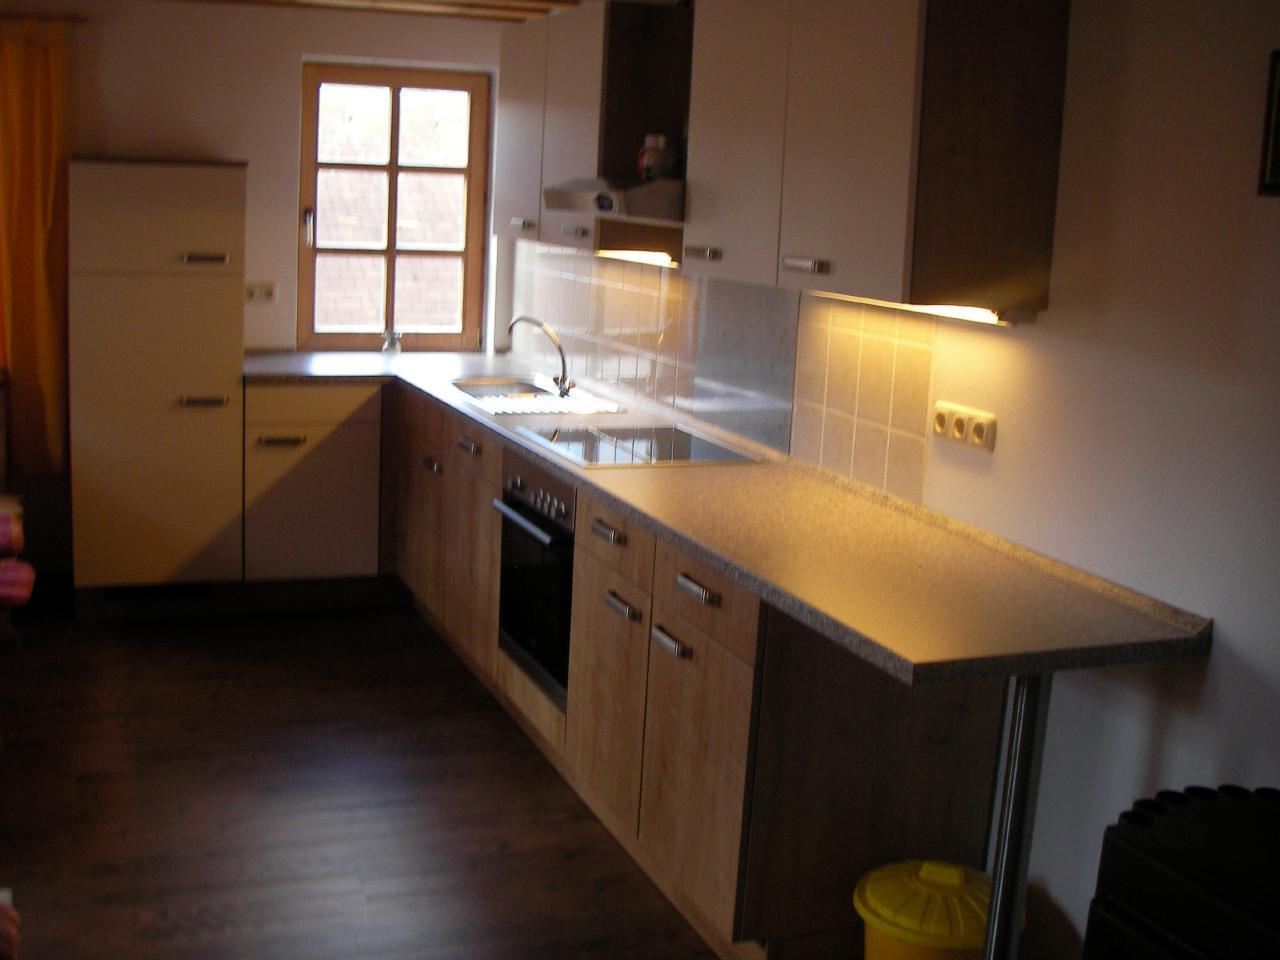 Ferienwohnung Haus Hilde Wohnung 2 (993407), Presseck, Frankenwald, Bayern, Deutschland, Bild 12